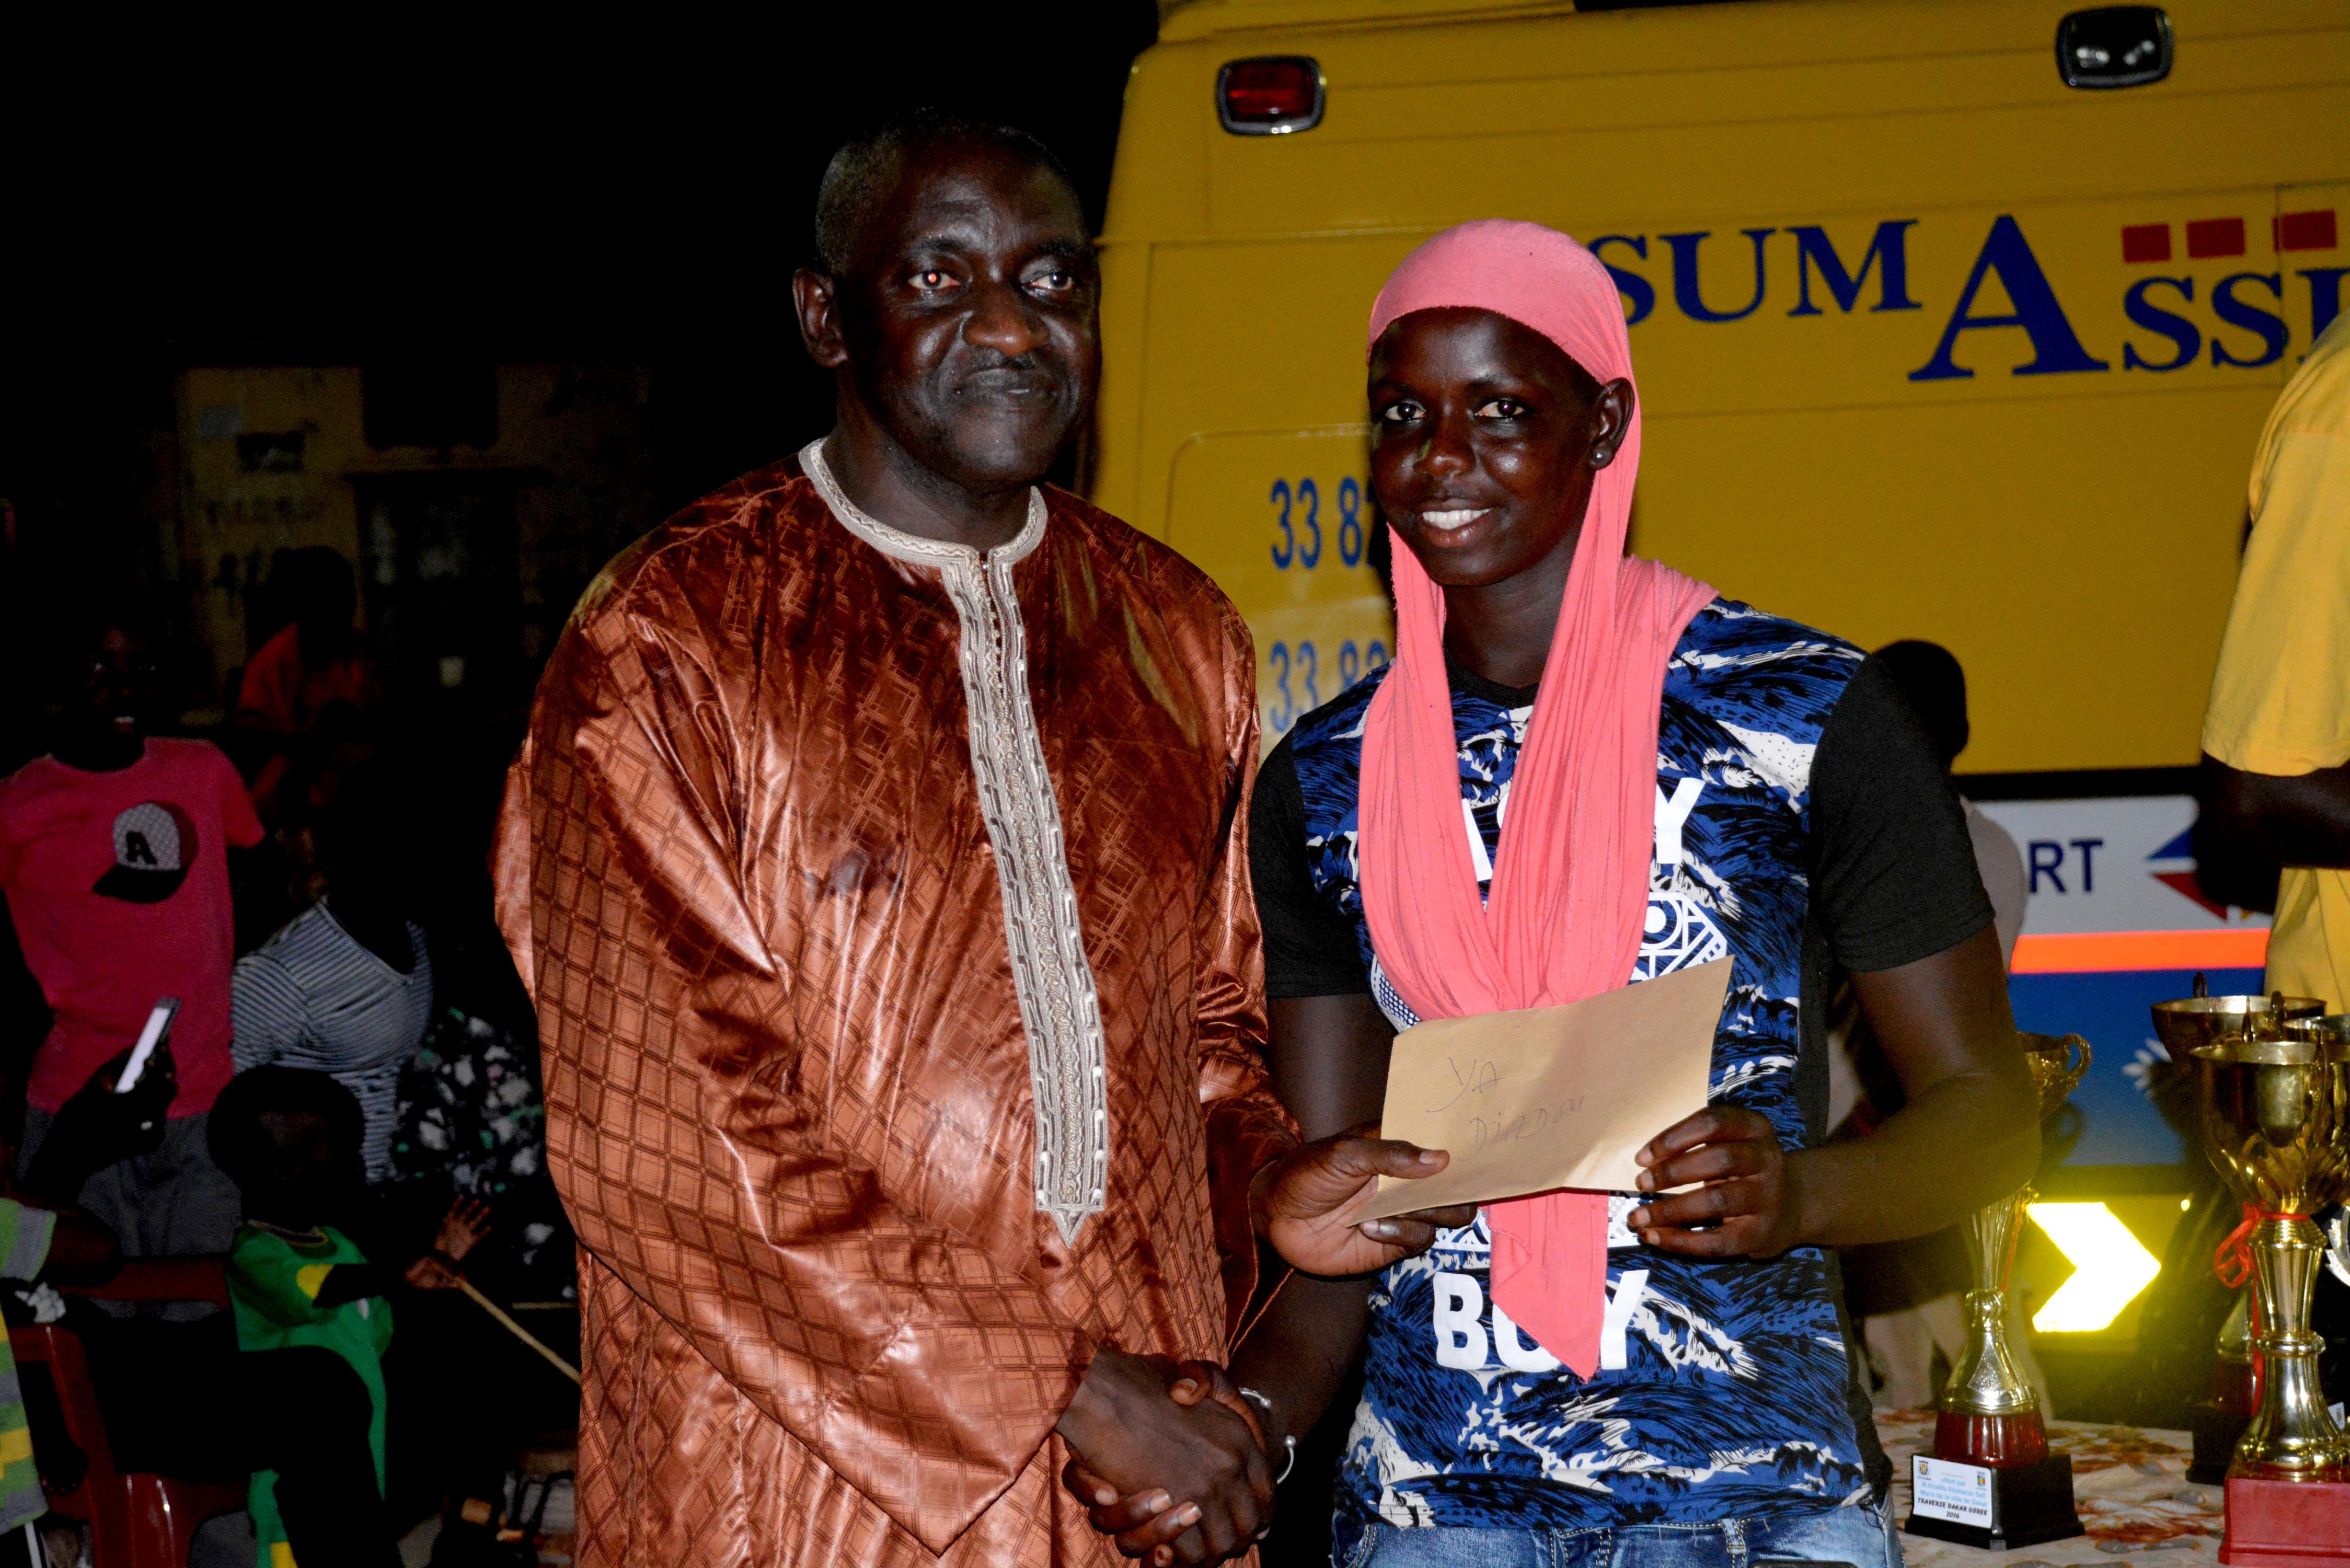 Ngor fête ses enfants secouristes et ses nageurs vainqueurs de la traversée Dakar-Gorée (Images)